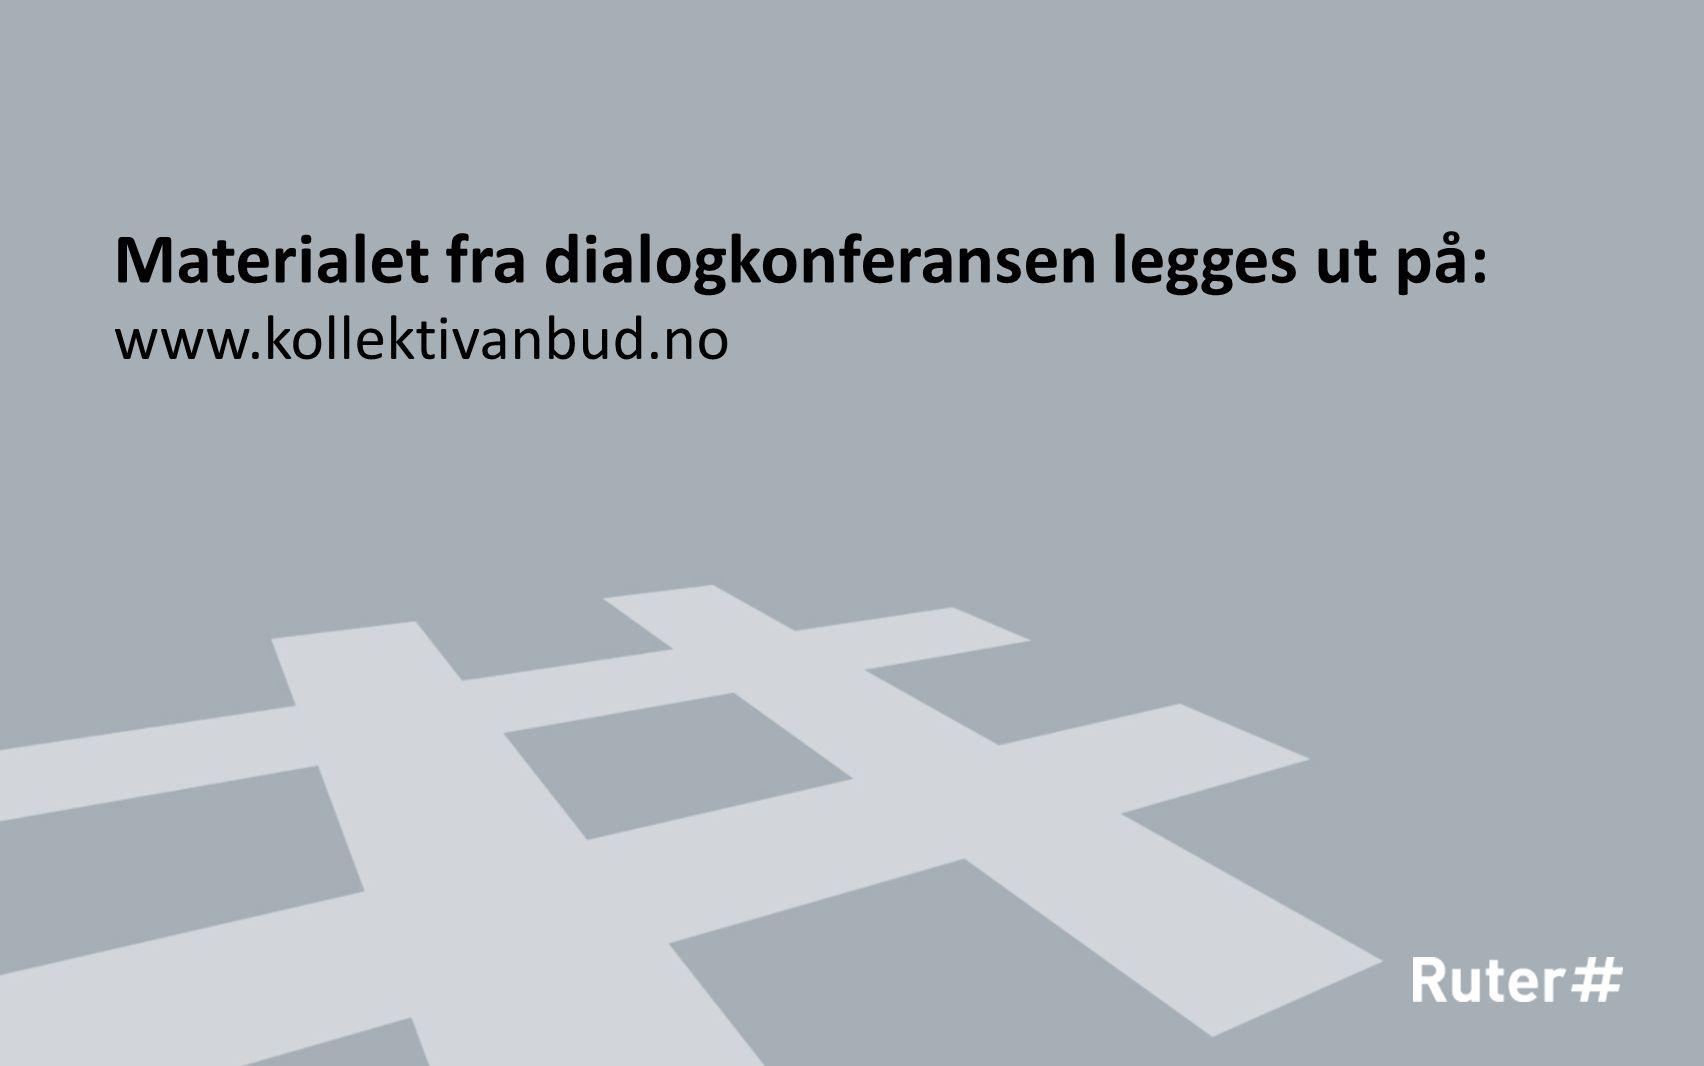 Materialet fra dialogkonferansen legges ut på: